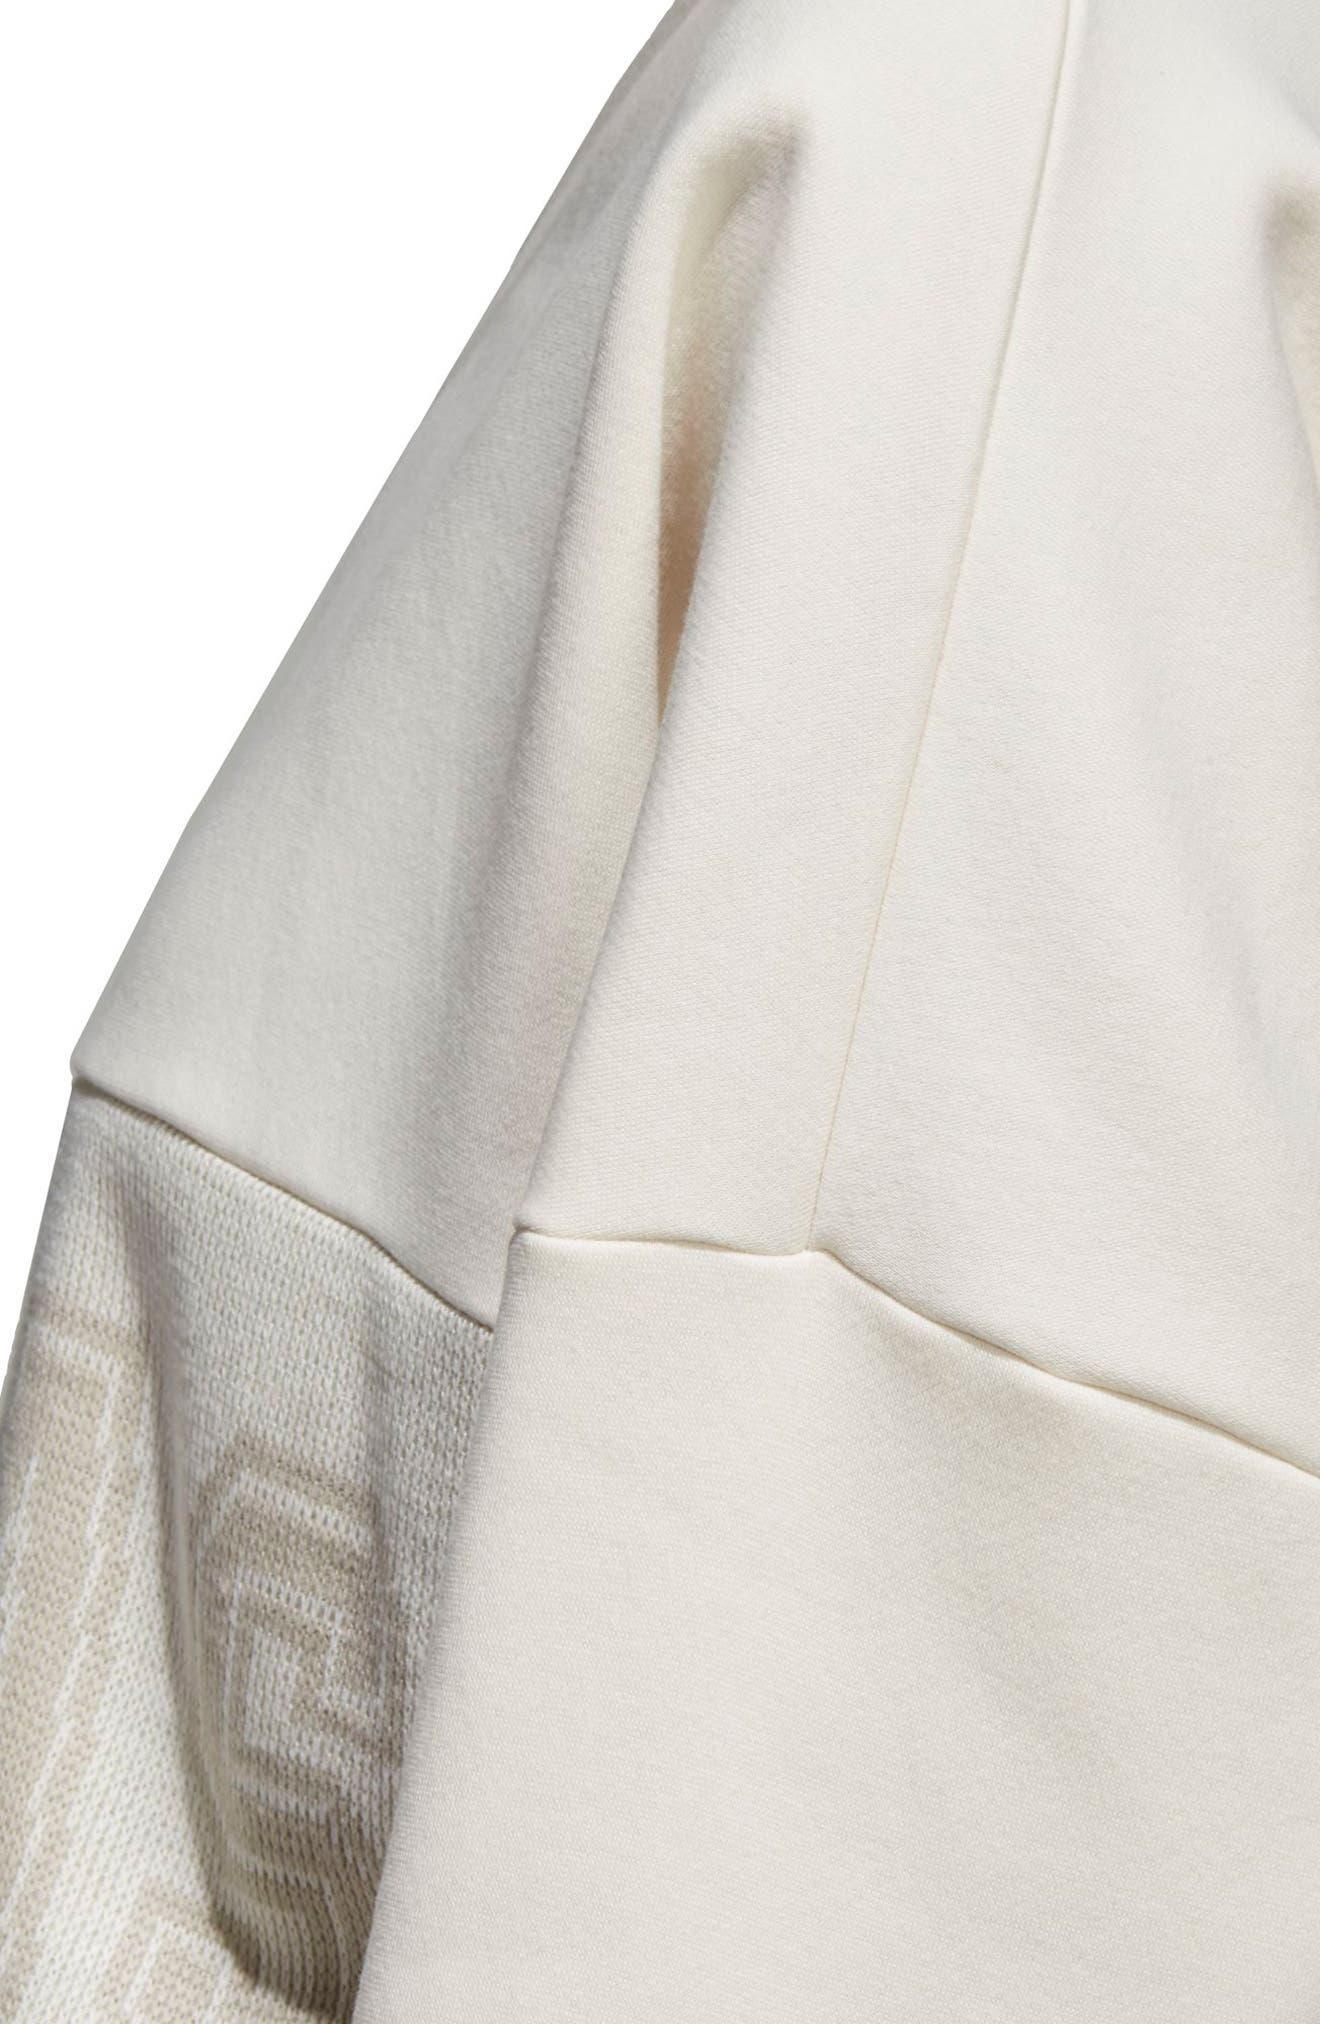 Originals Adibreak Sweatshirt,                             Alternate thumbnail 4, color,                             Chalk White/ Chalk White